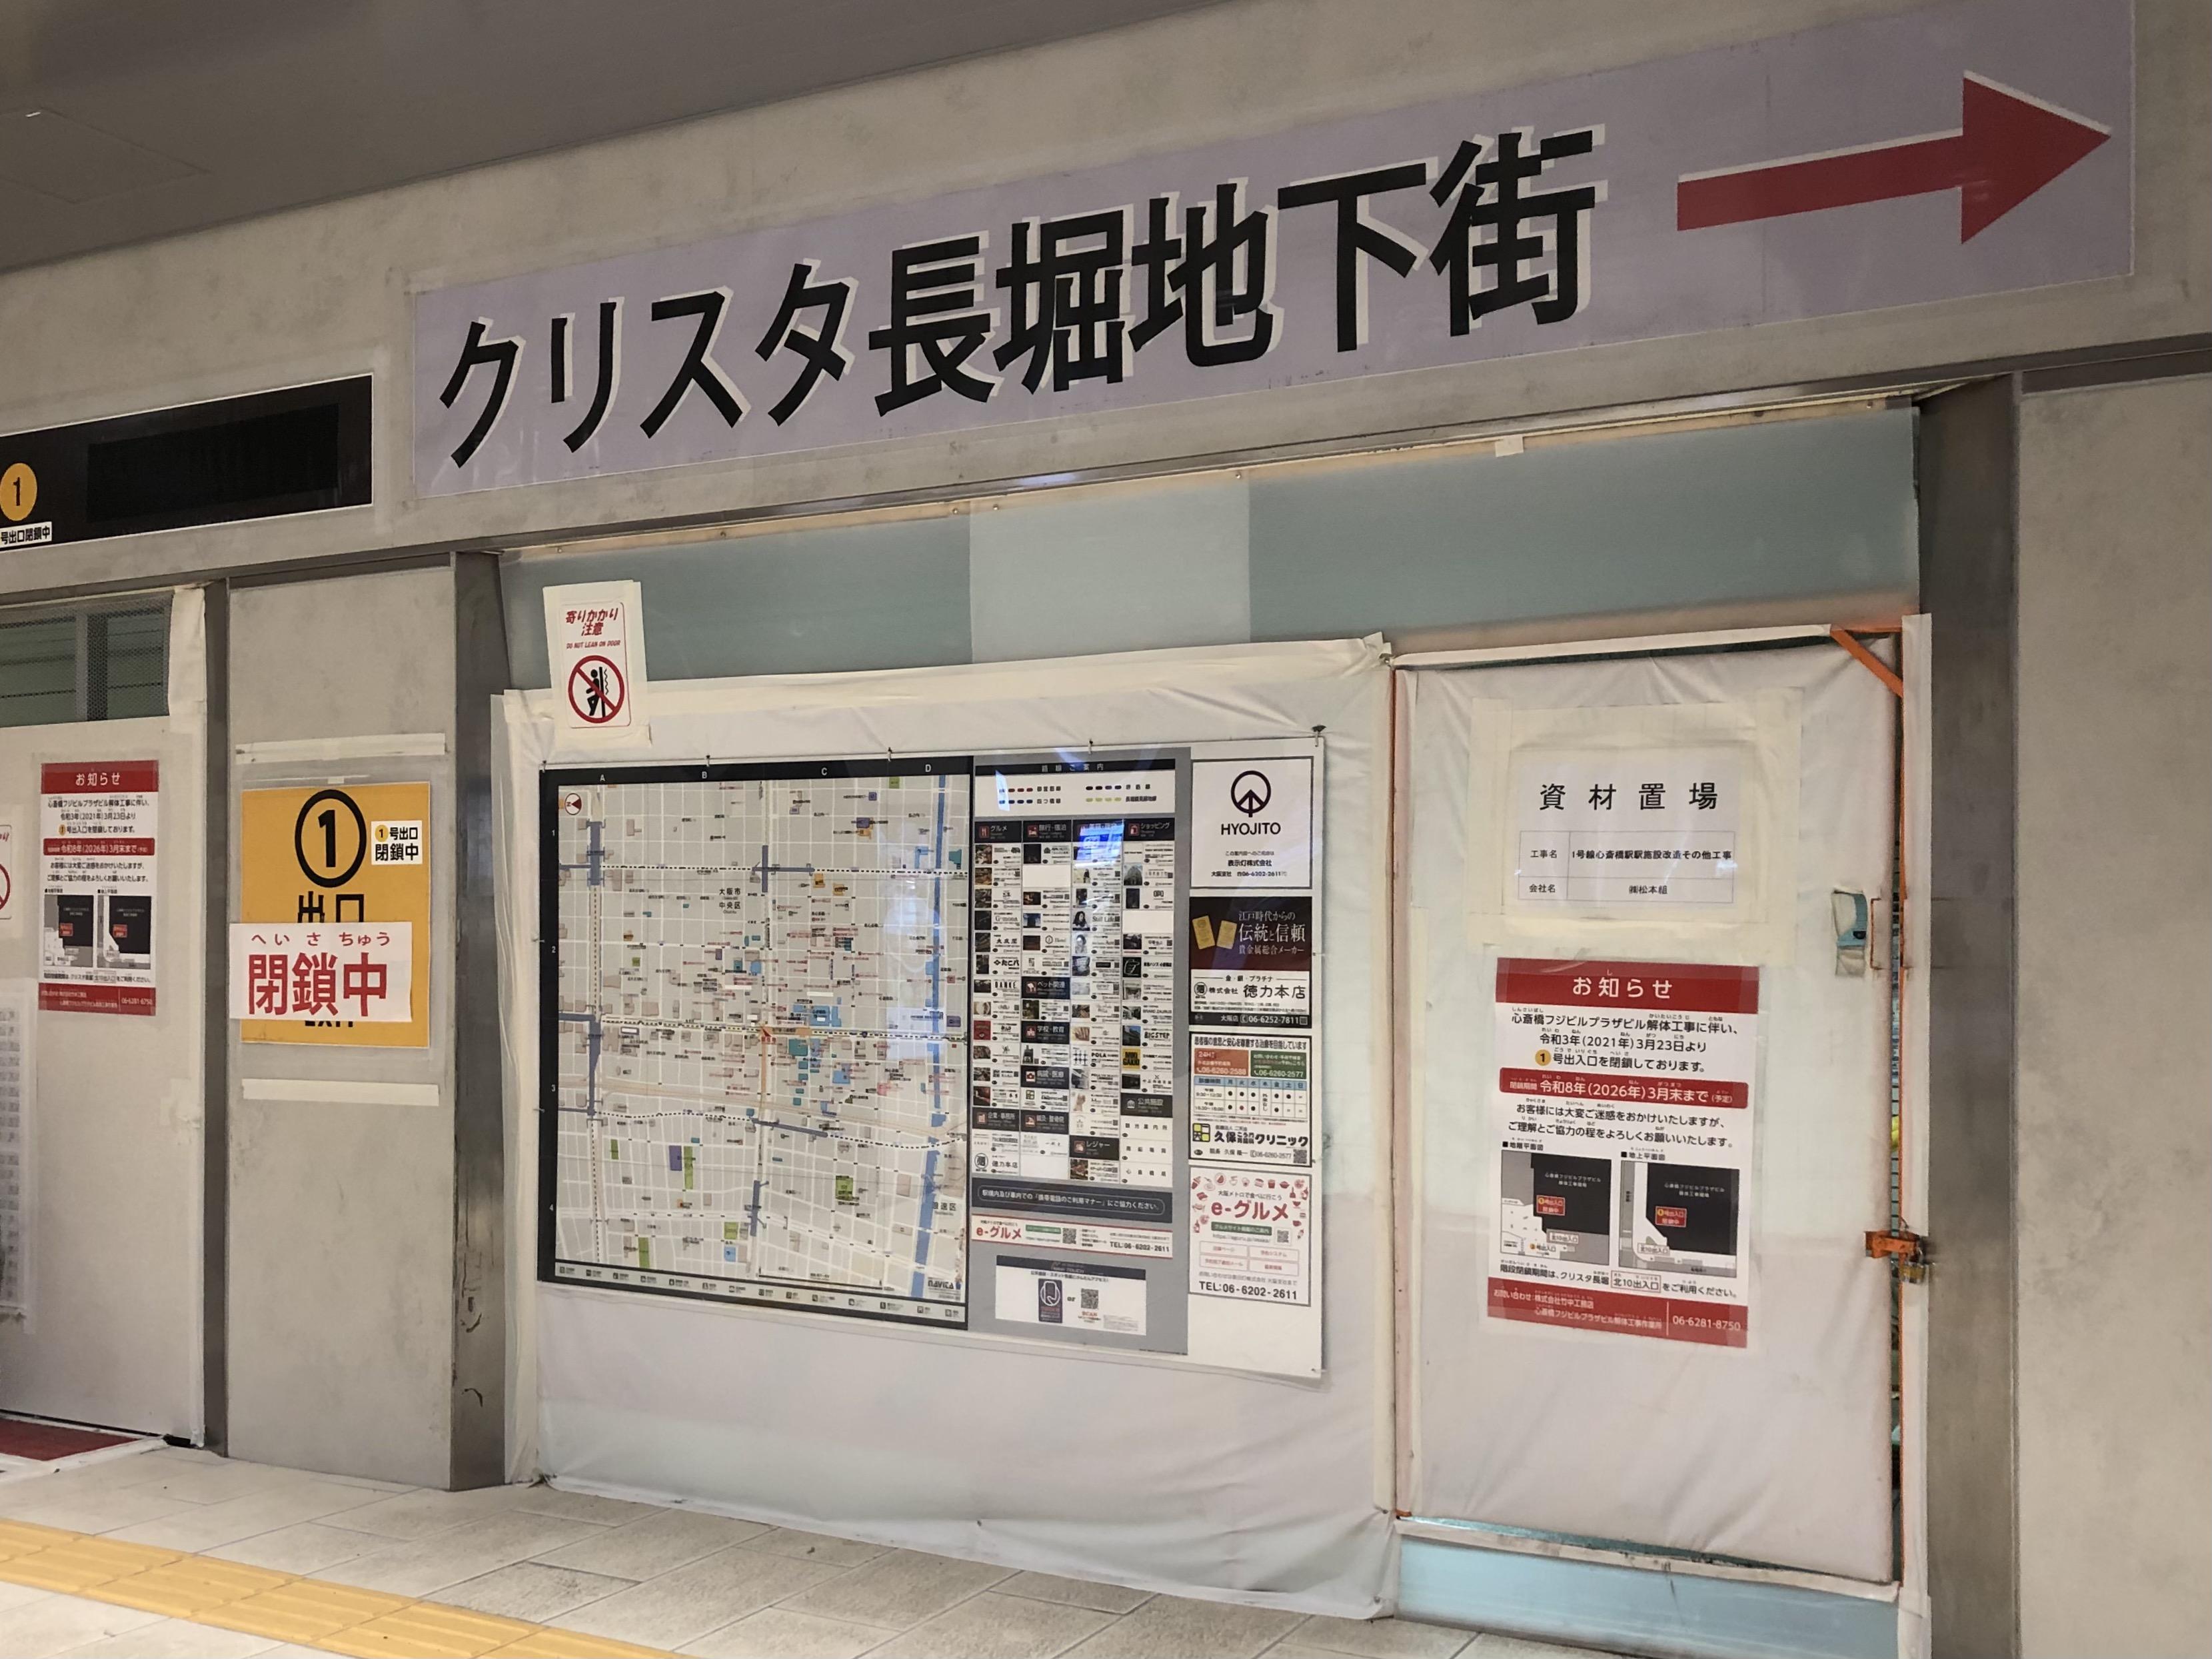 心斎橋駅の改札を出てすぐ、地下から旧心斎橋プラザビル本館に通じる階段は現在閉鎖中。